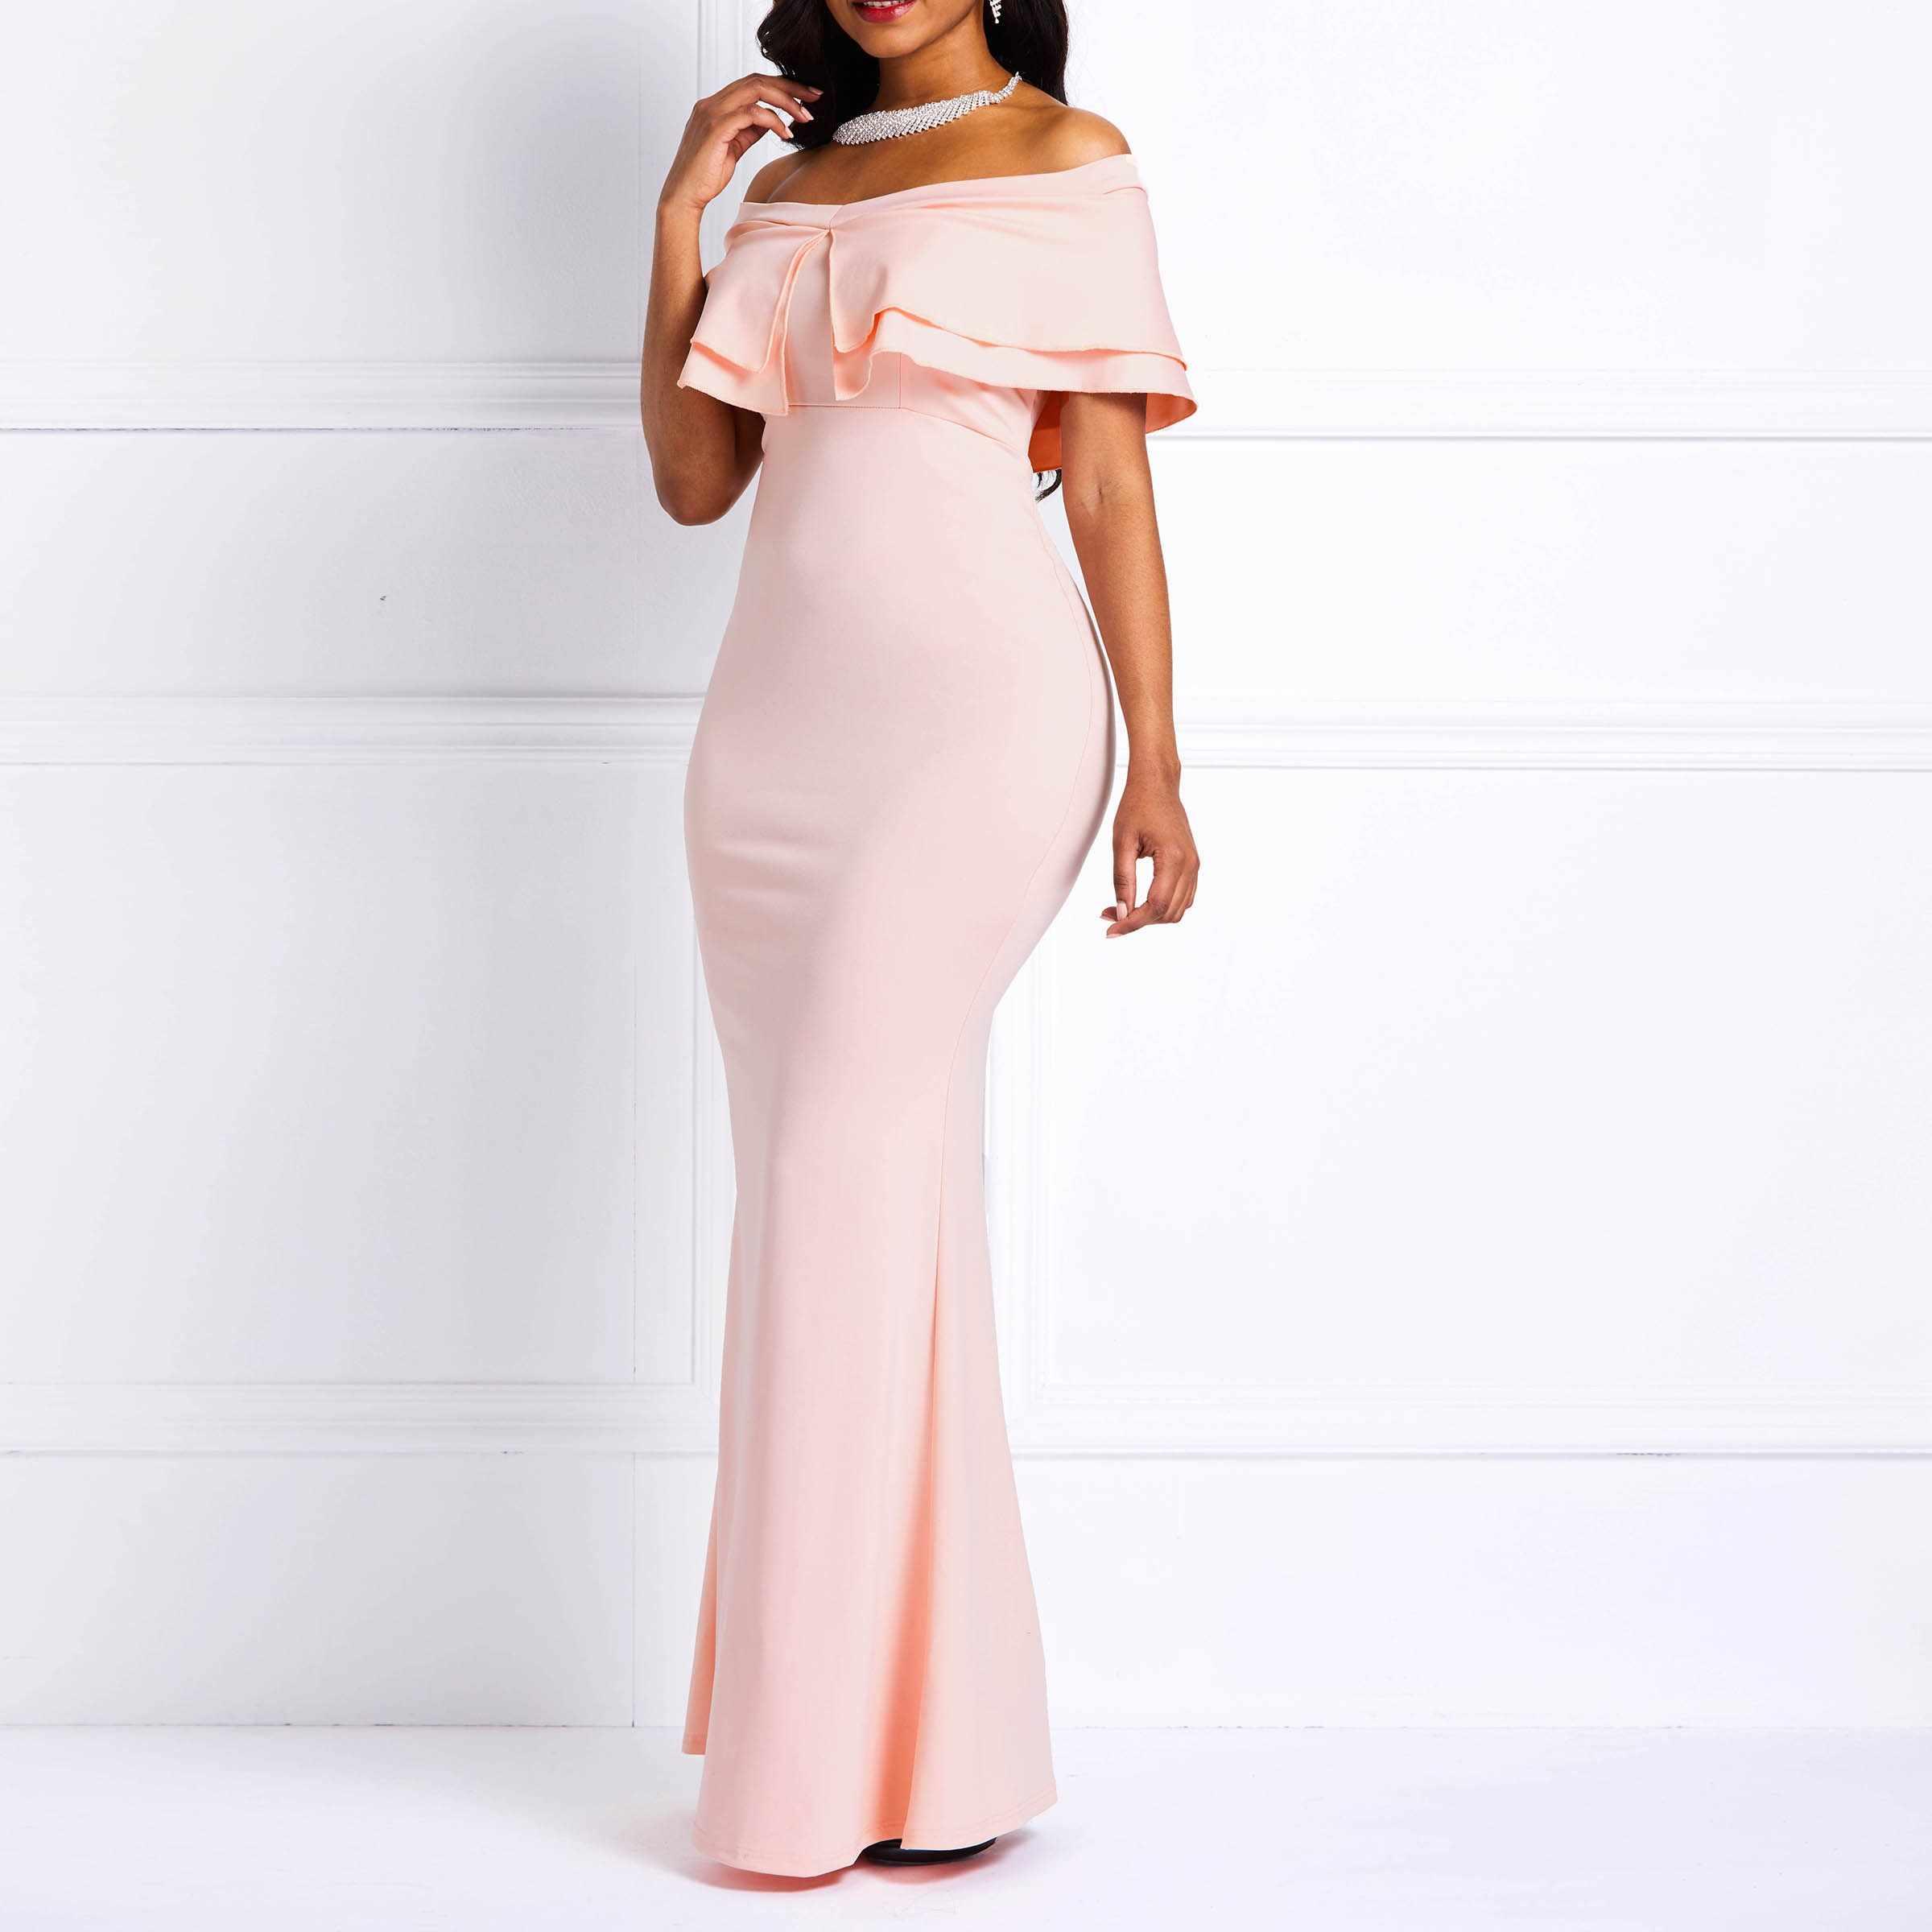 Пикантные с открытыми плечами с юбкой-годе платье Для женщин с оборкой, с высокой посадкой Slash шеи для вечеринки и выпускного бала длиной в Пол, розовое милое женское платье для вечеринки